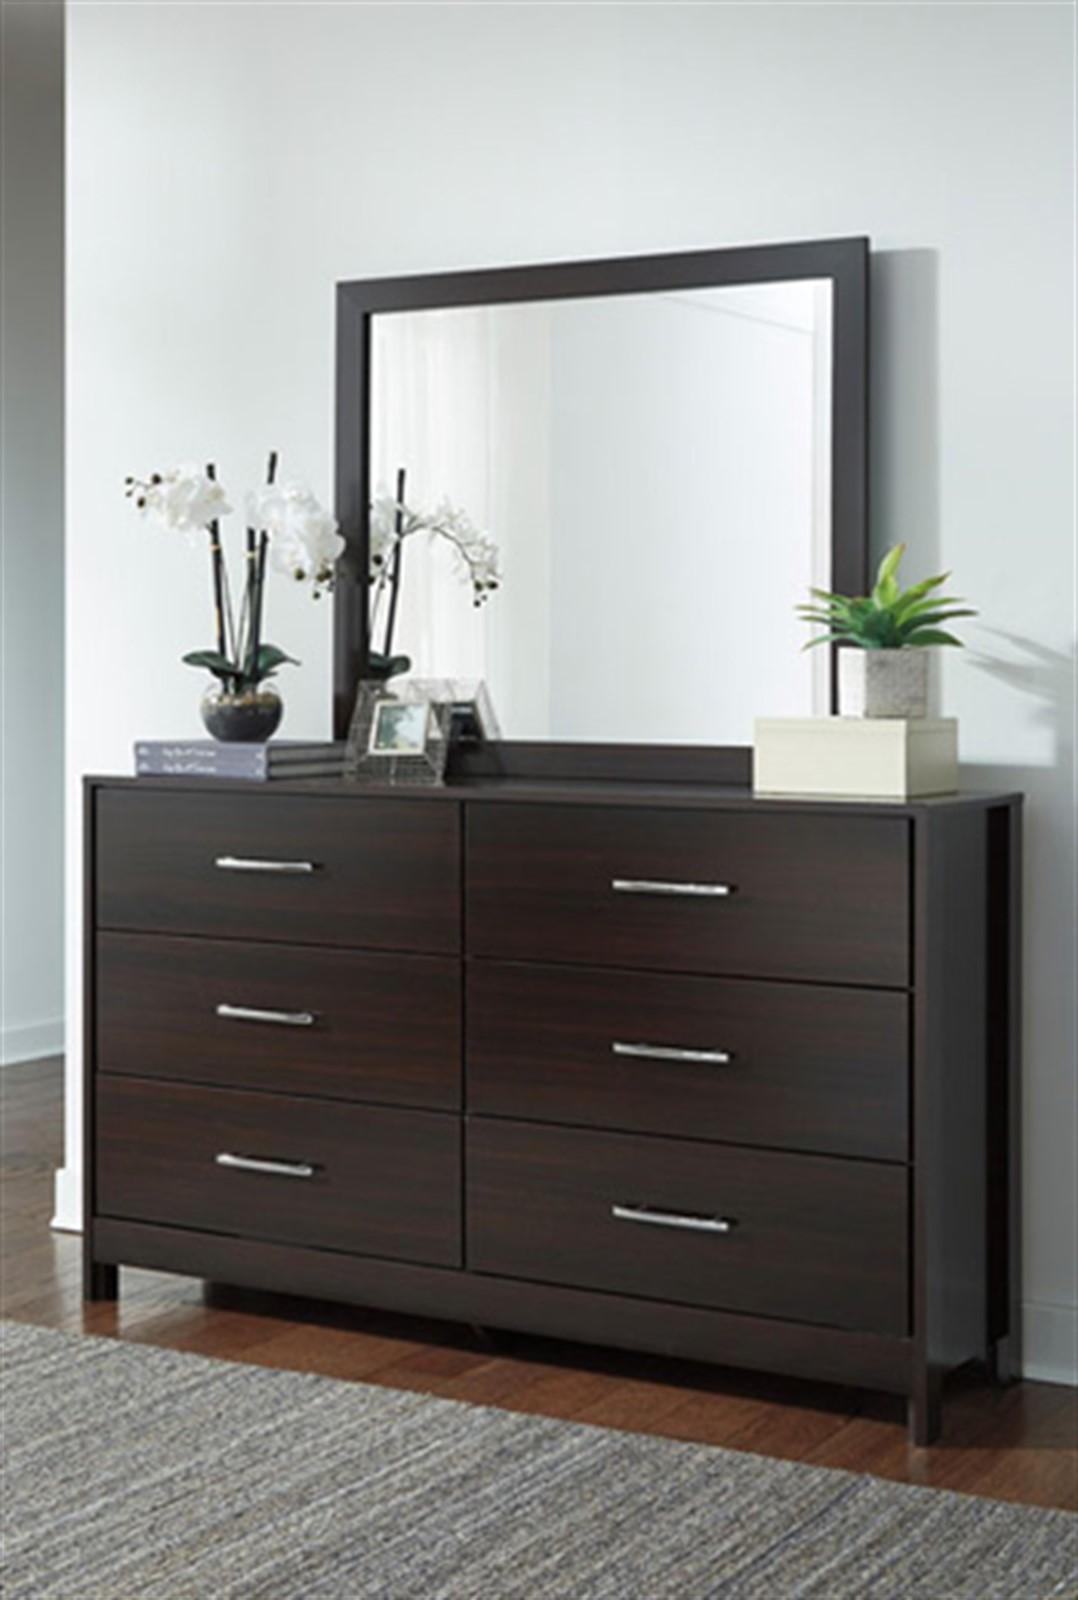 Agella Dresser and Mirror Set - Merlot